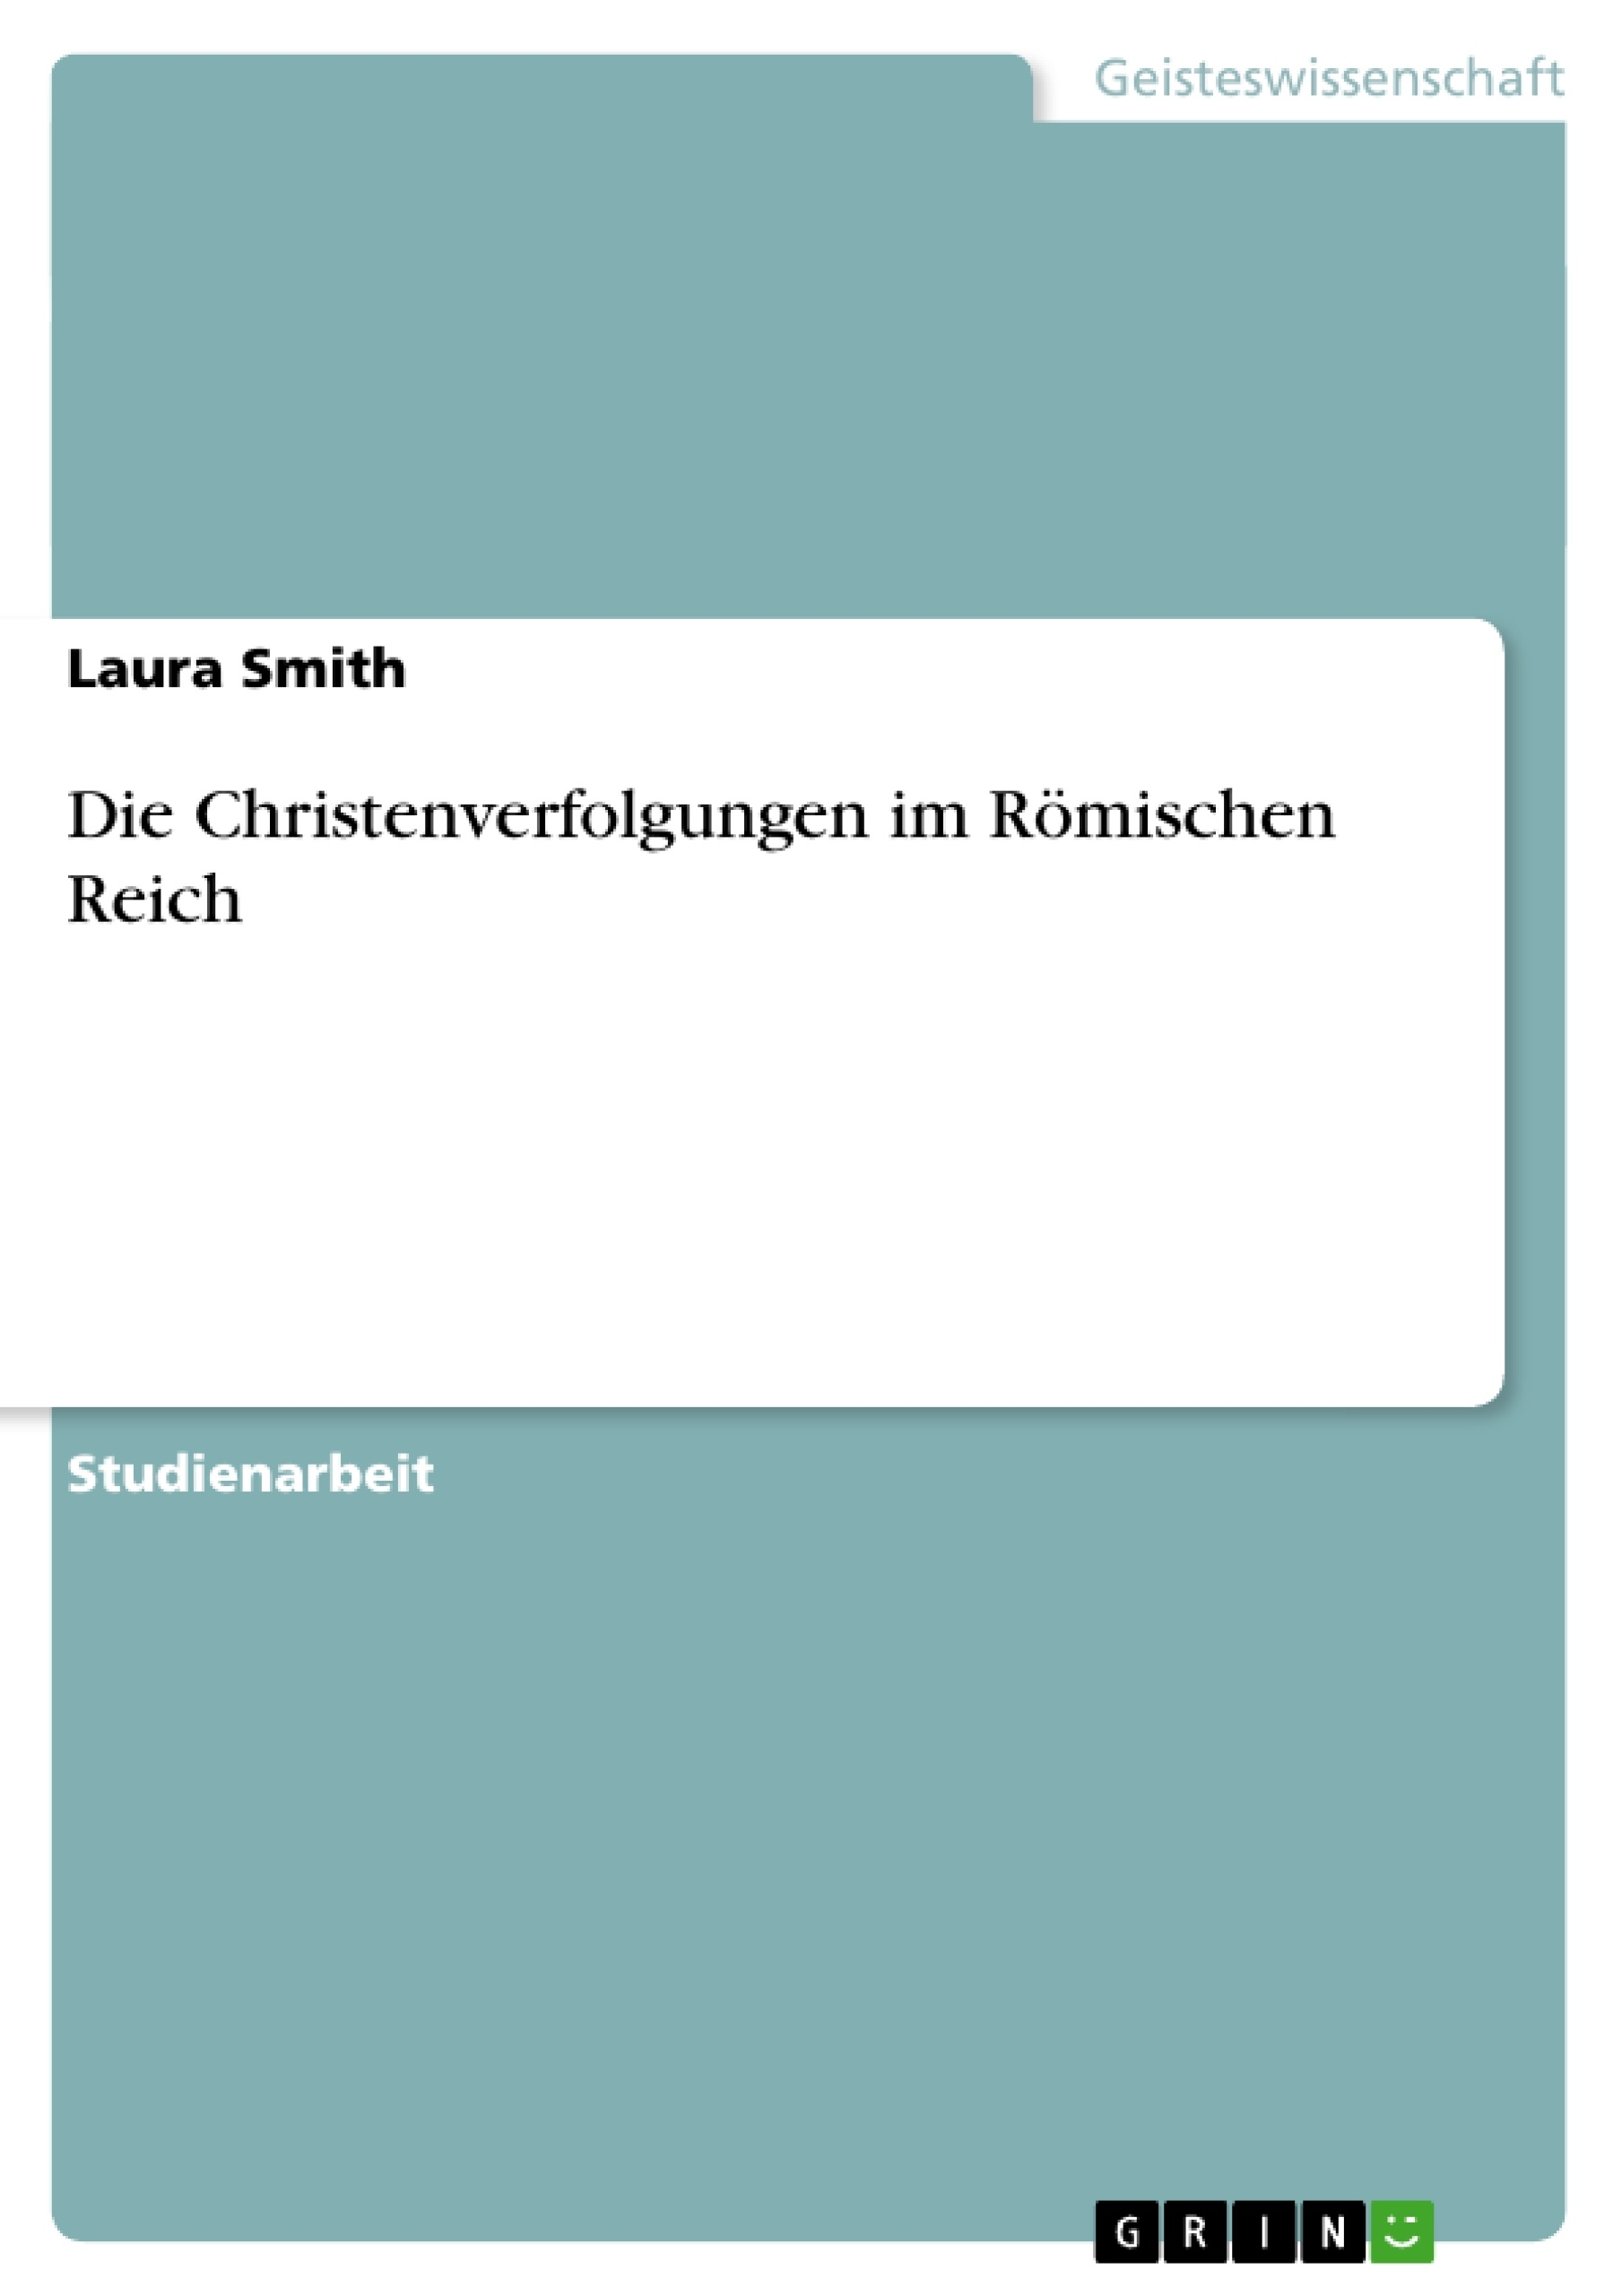 Titel: Die Christenverfolgungen im Römischen Reich